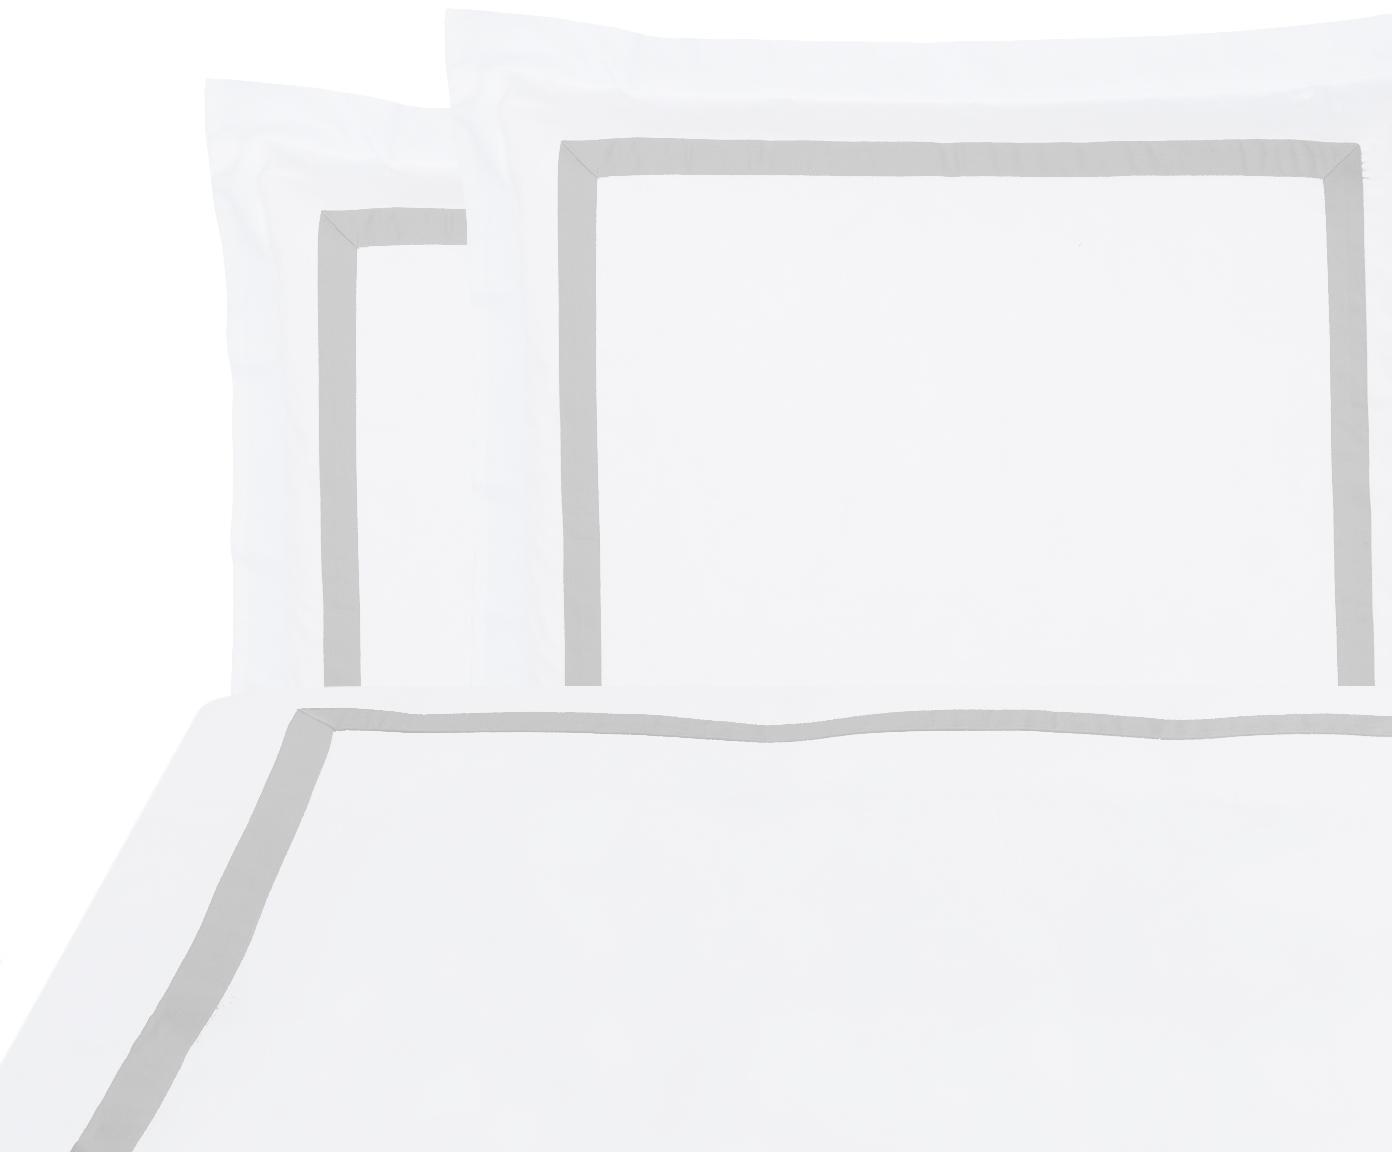 Baumwollsatin-Bettwäsche Nora in Weiß/Hellgrau, Webart: Satin Fadendichte 400 TC,, Weiß, Hellgrau, 240 x 220 cm + 2 Kissen 80 x 80 cm